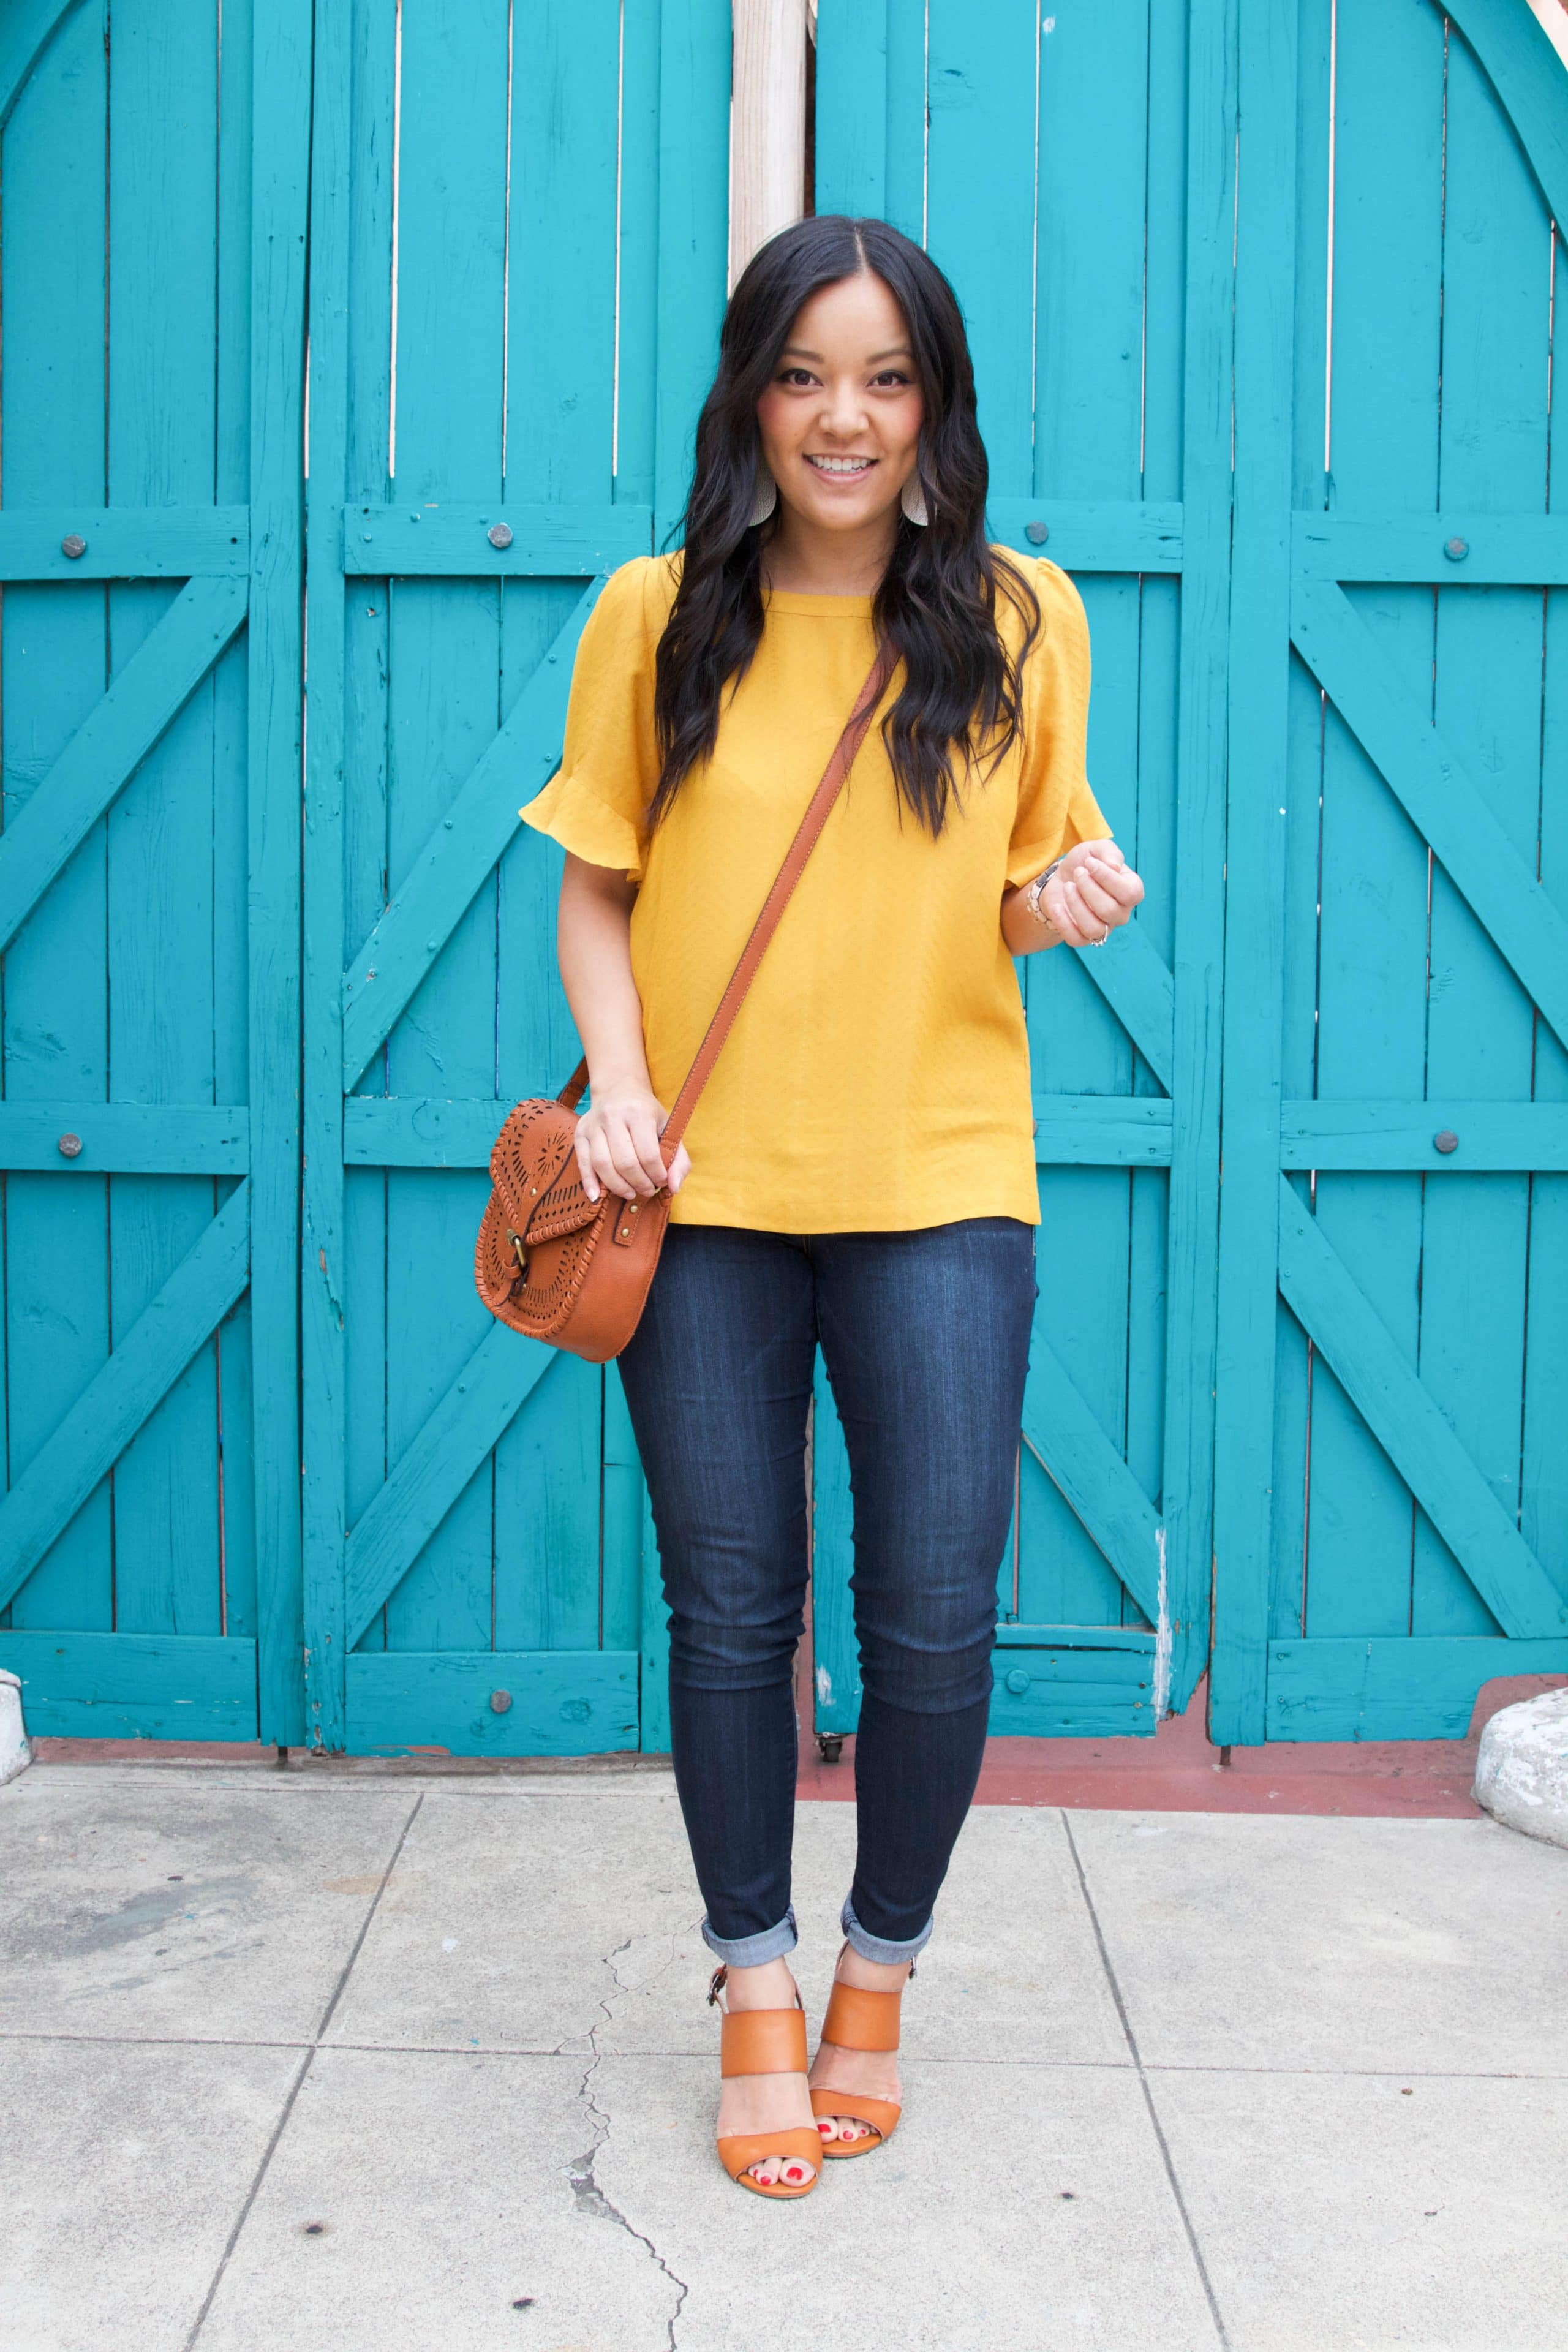 Marigold Top + Jeans + Cognac Shoes